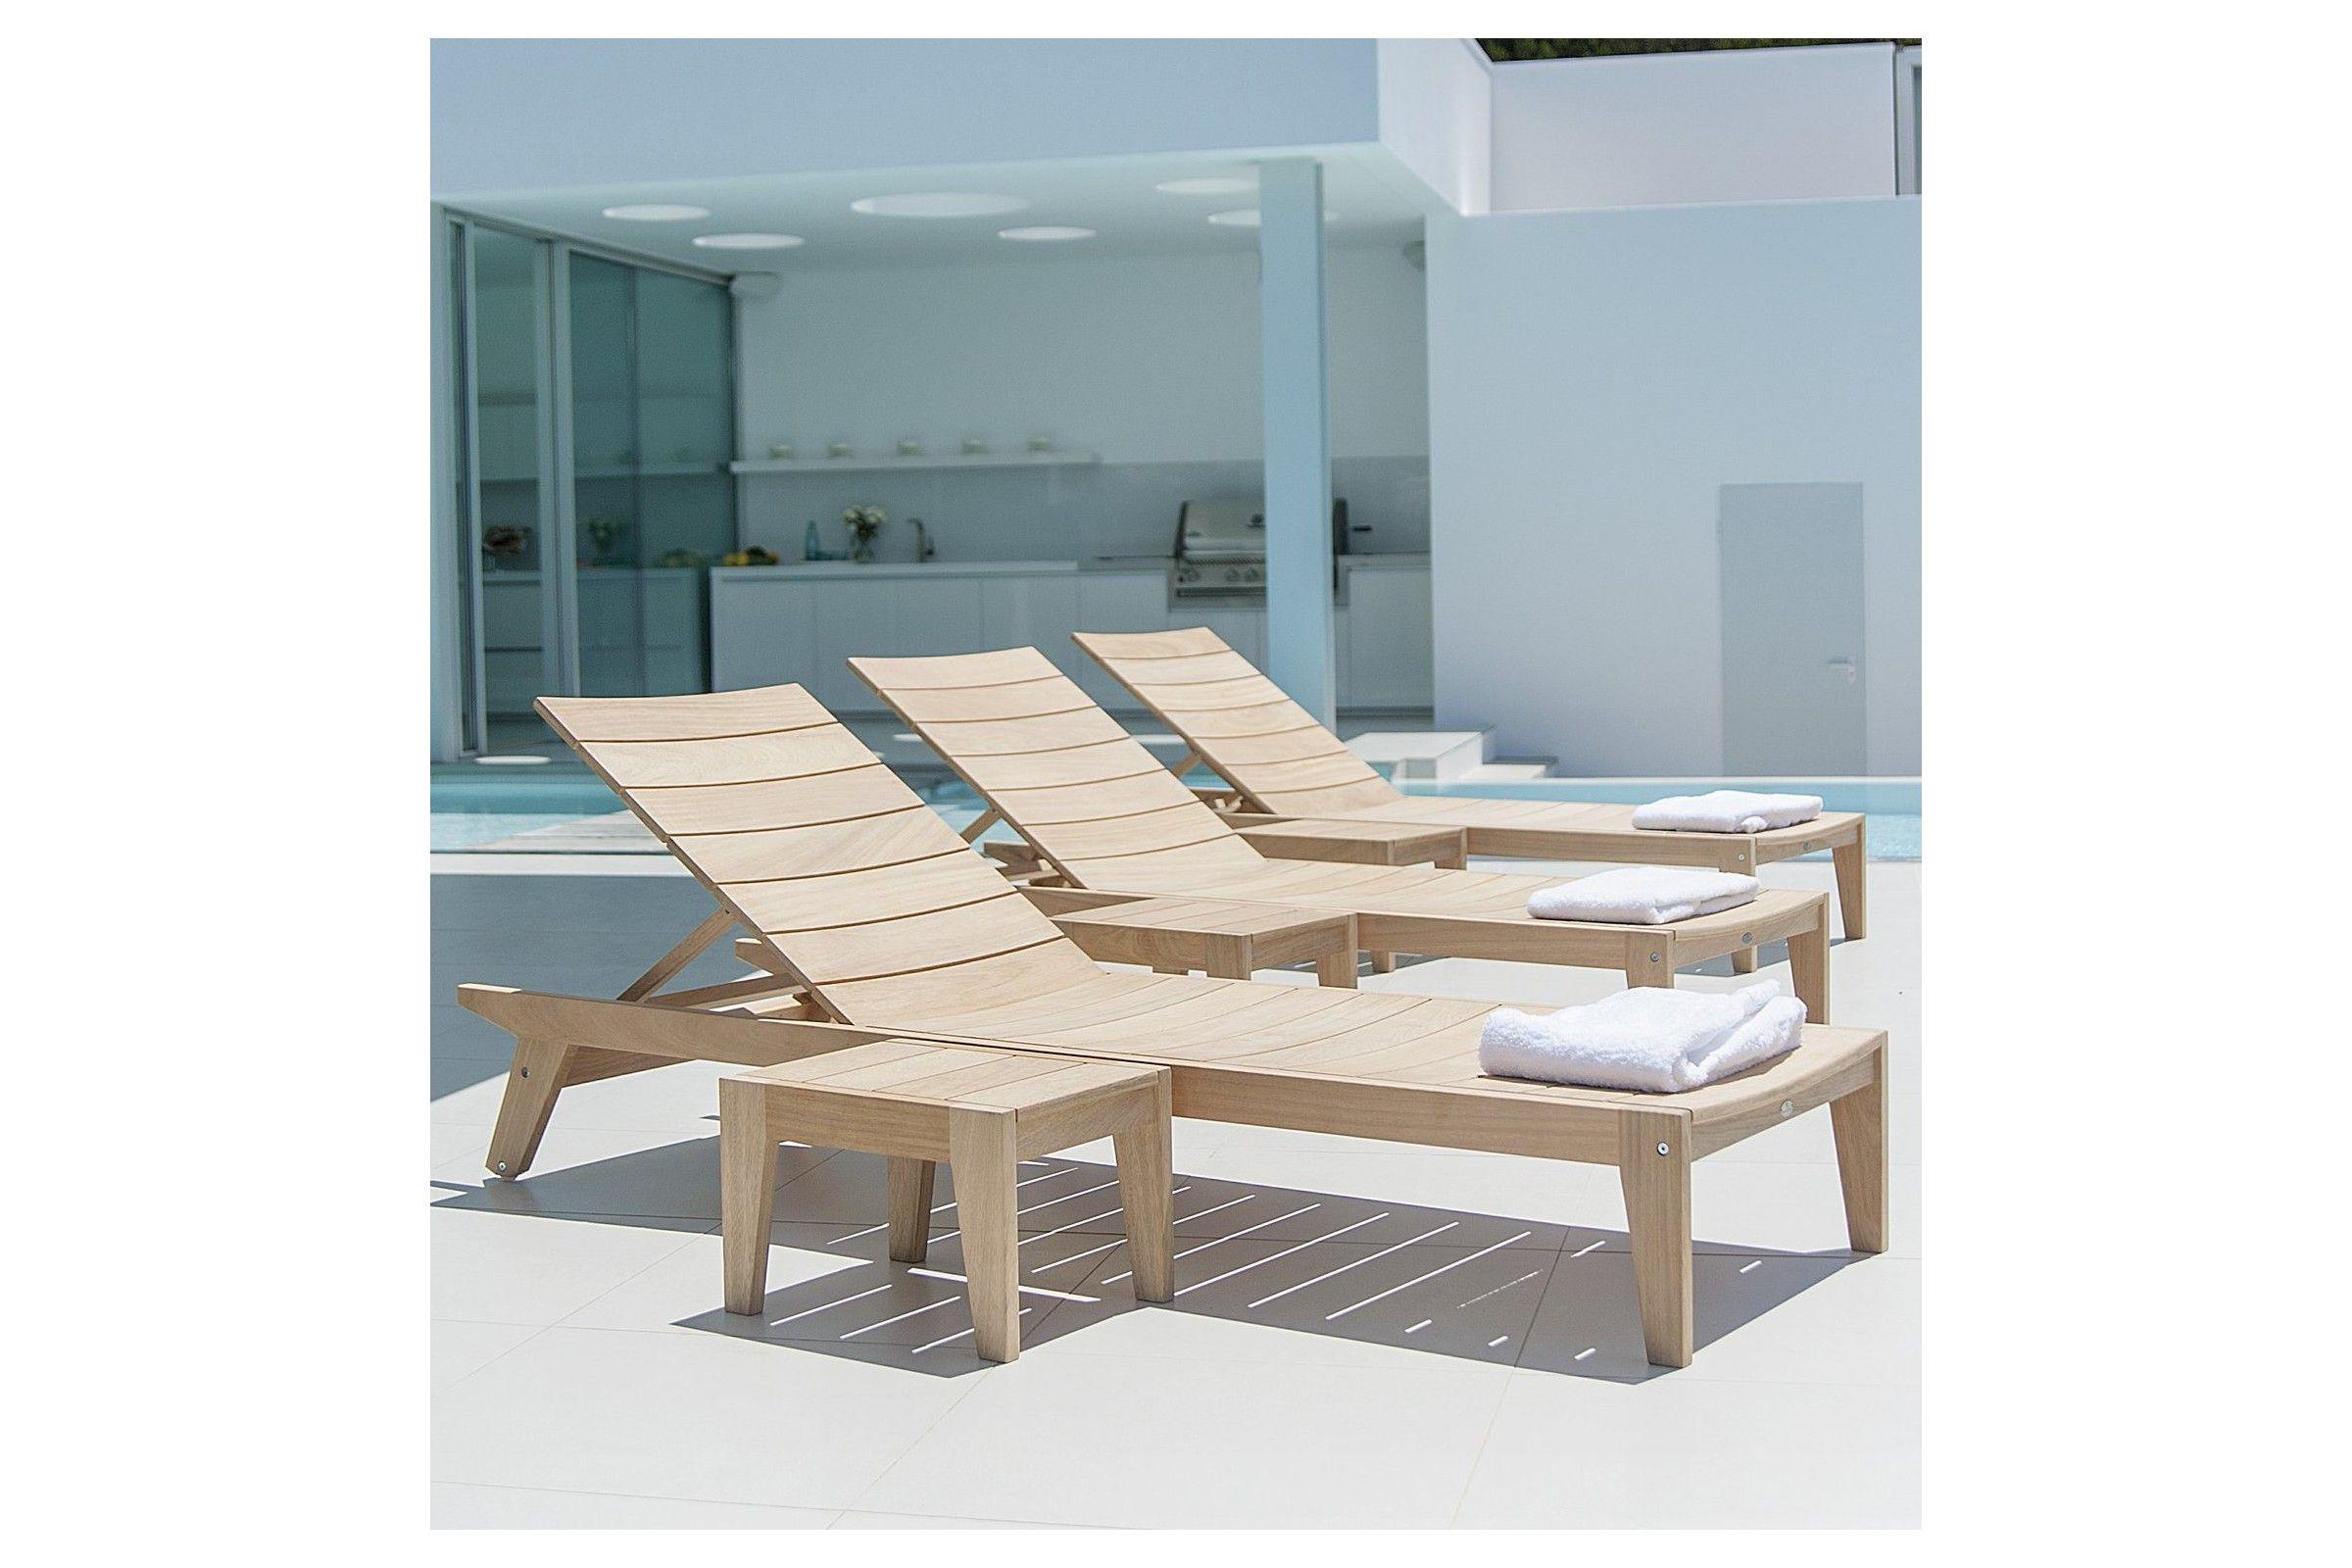 Petite table basse en bois pour bain de soleil haut de gamme la galerie du teck - Bain de soleil bois ...